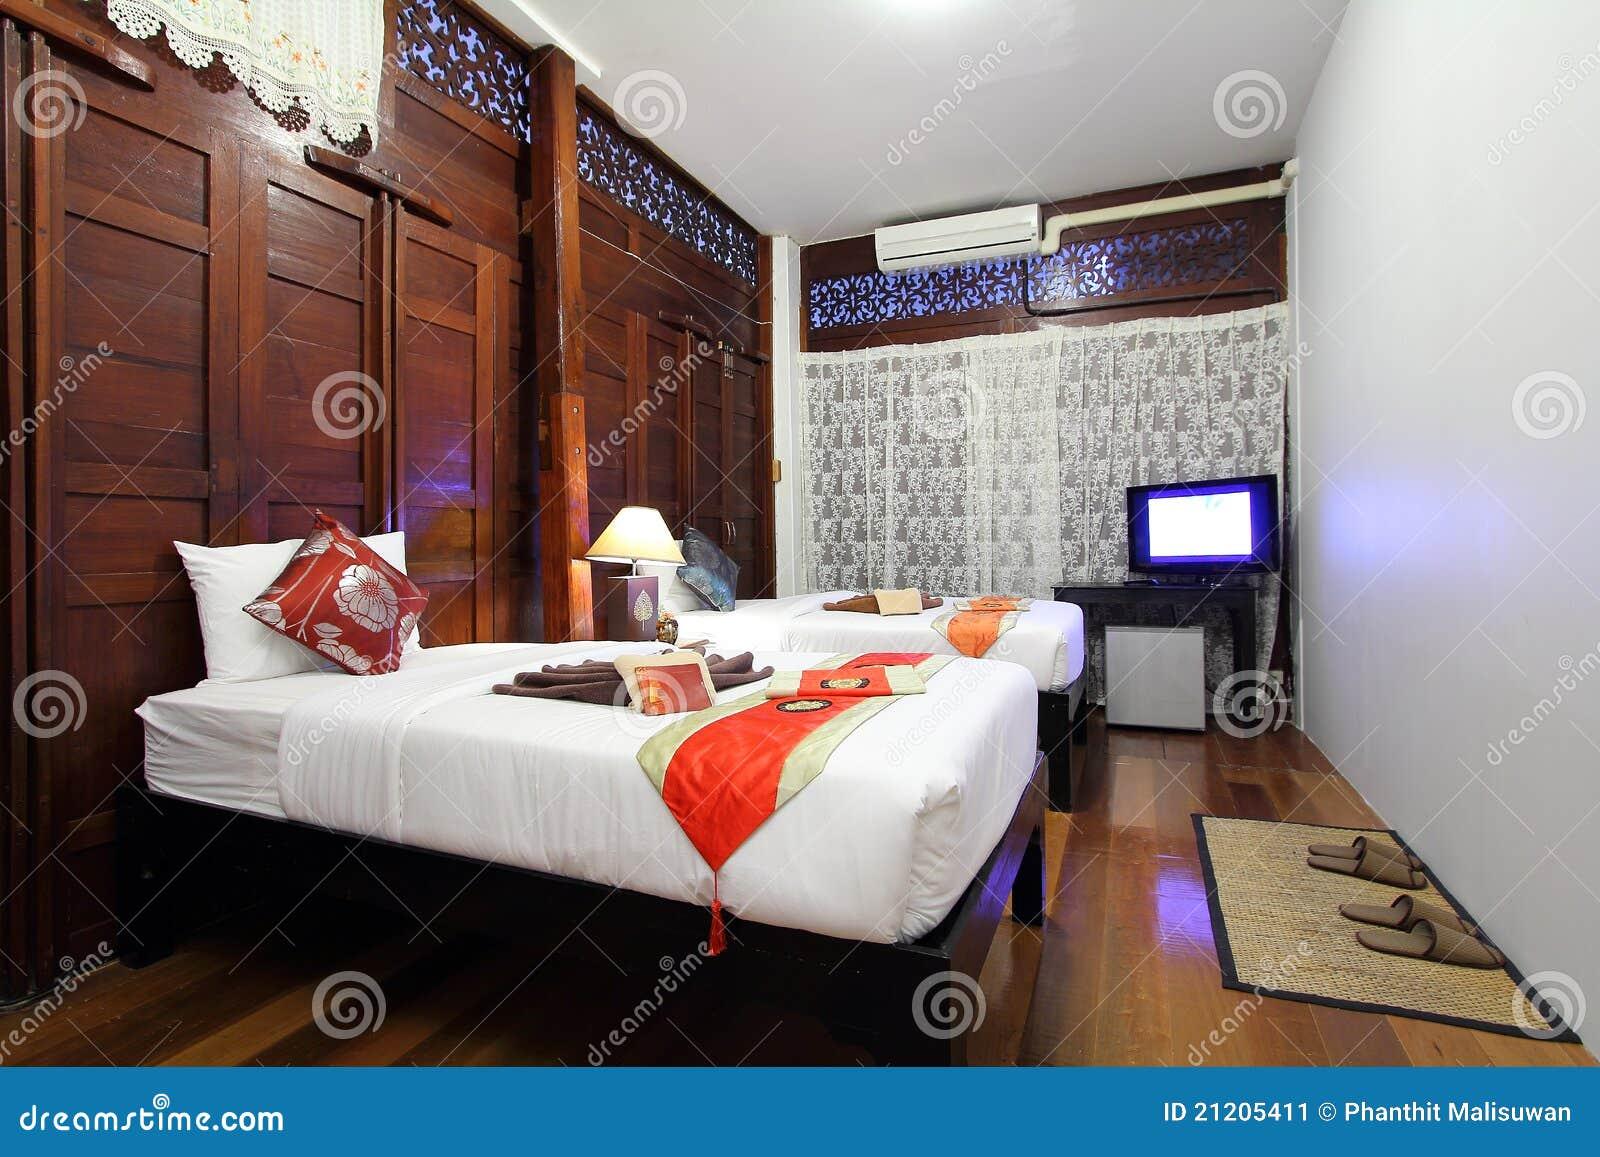 Slaapkamer retro stijl creatieve idee n voor huisontwerp en meubels - Slaapkamer stijl ...